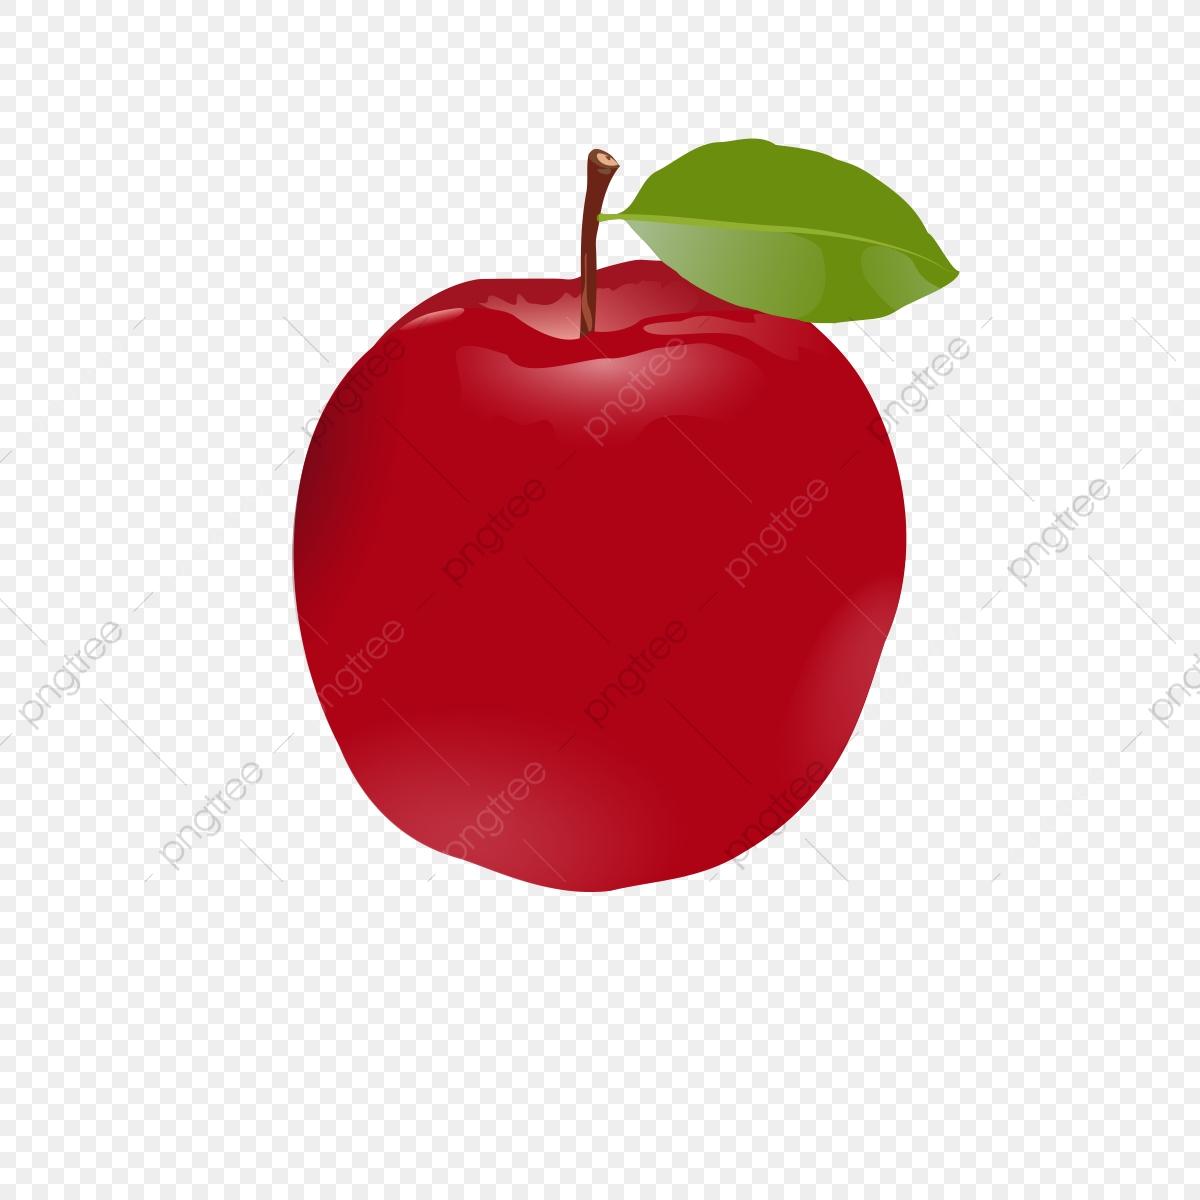 Dibujo De Frutas Clipart Apple, Logo De Exquisita Fruta, Clipart.